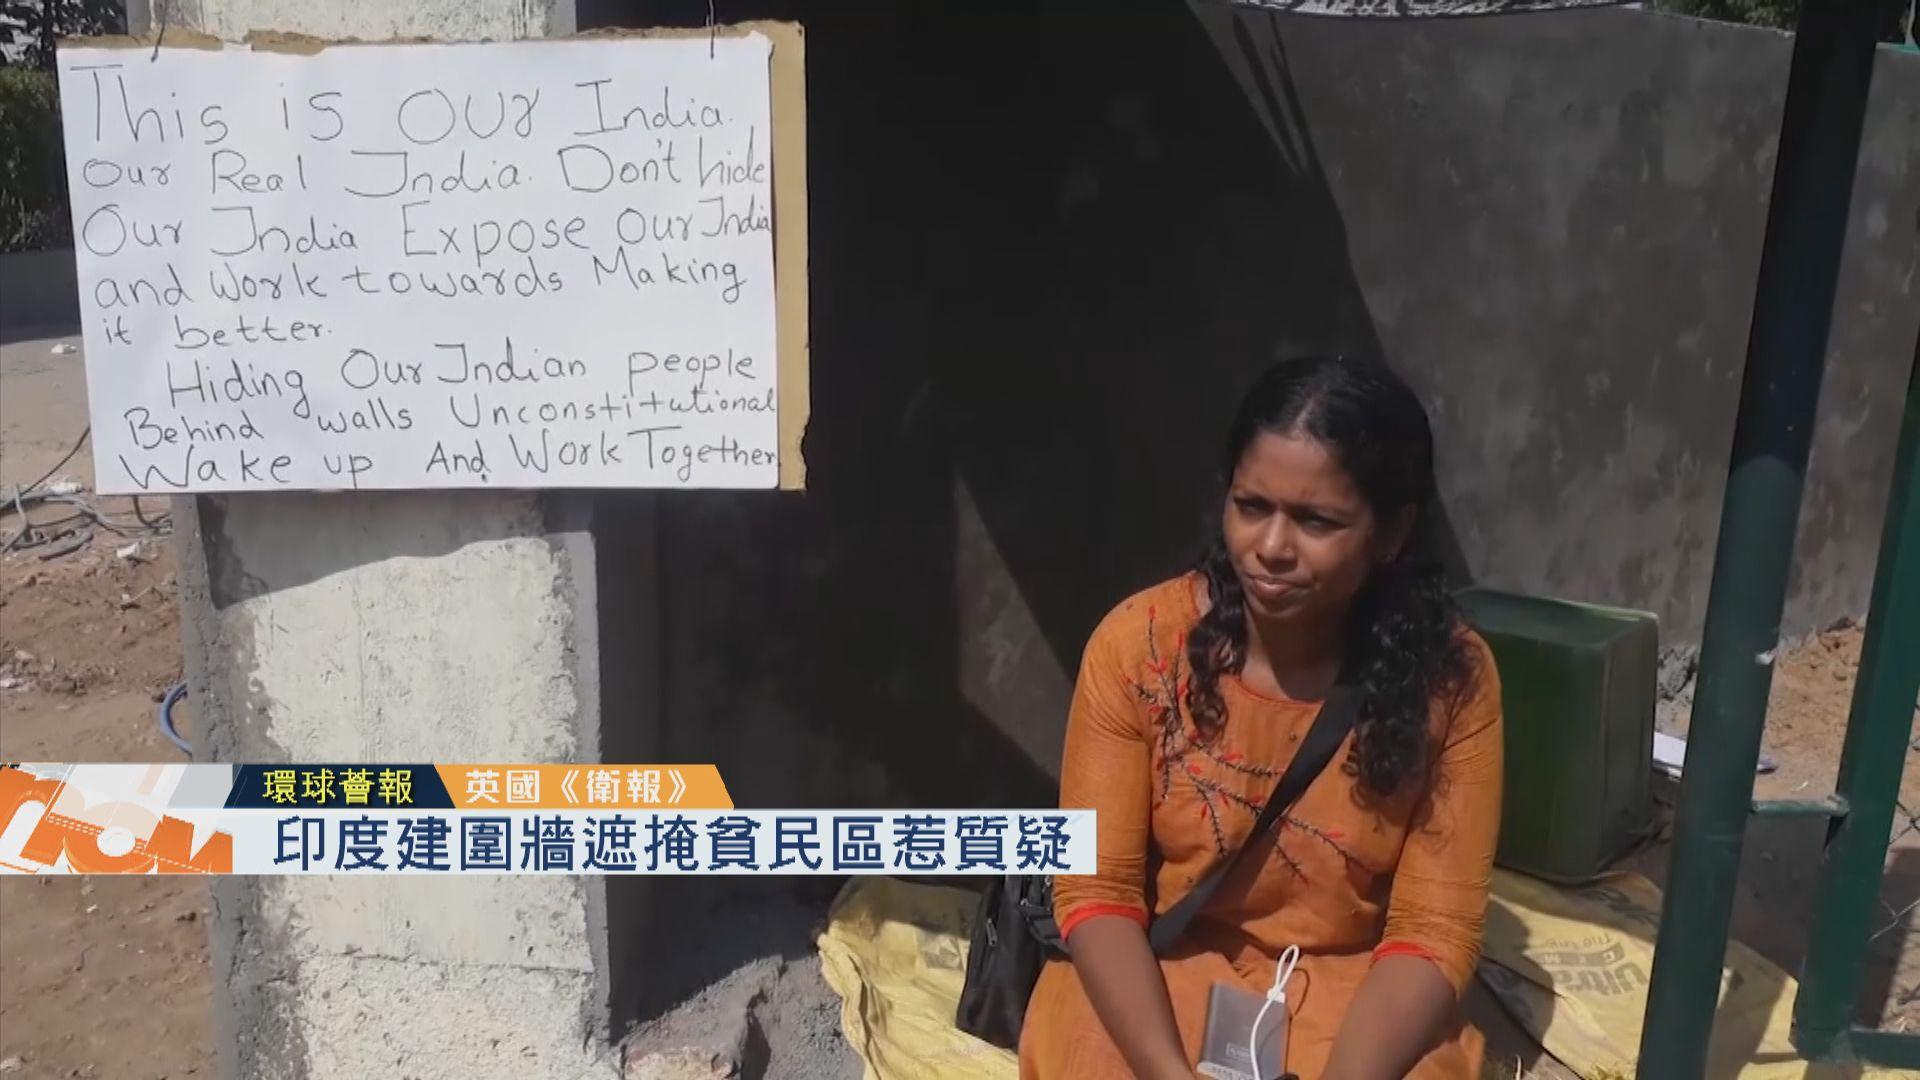 【環球薈報】印度建圍牆遮掩貧民區惹質疑